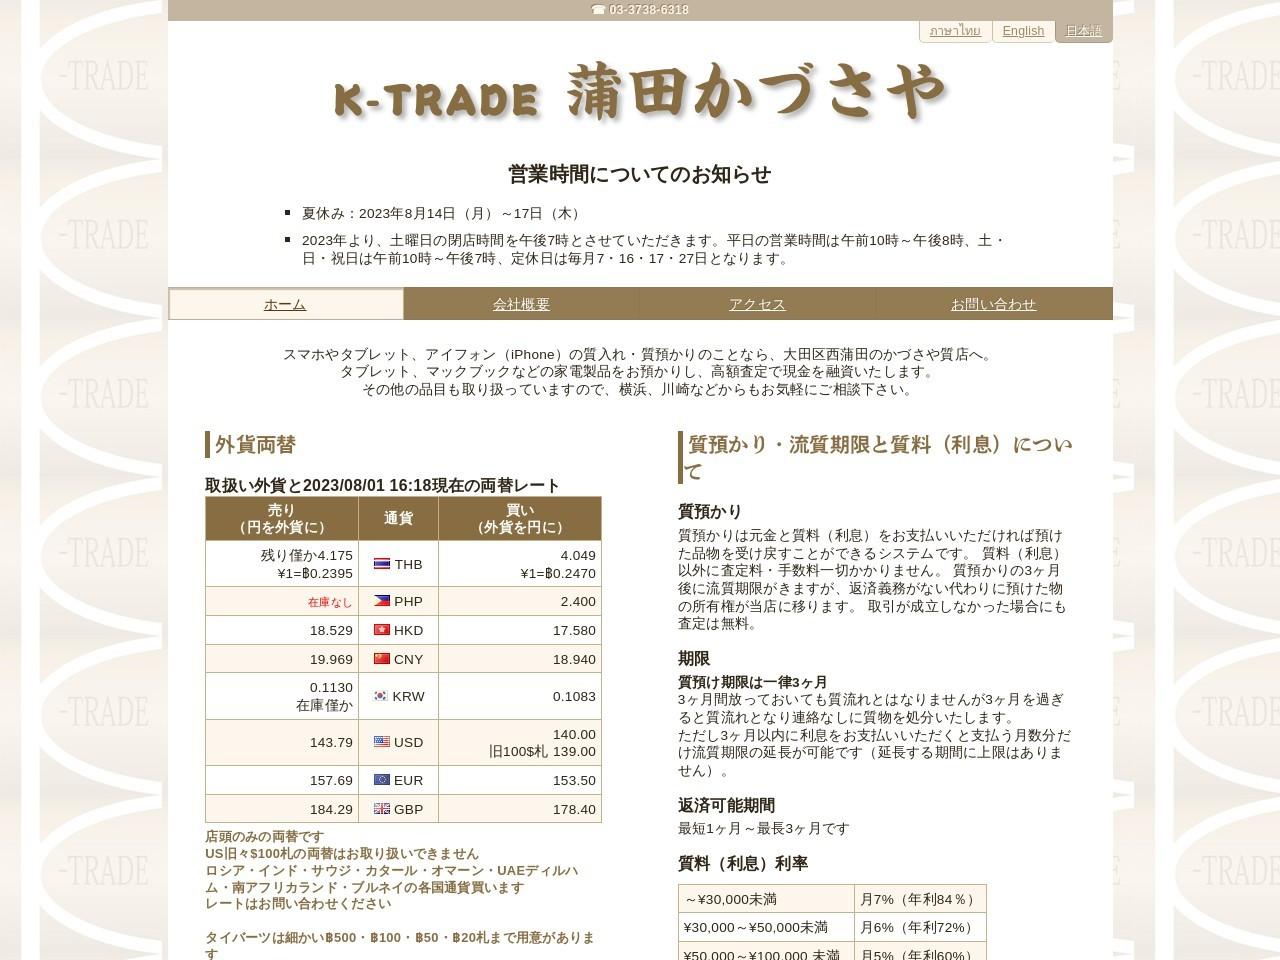 かづさや質店 | K-TRADE 東京都大田区西蒲田7-53-5 HOME